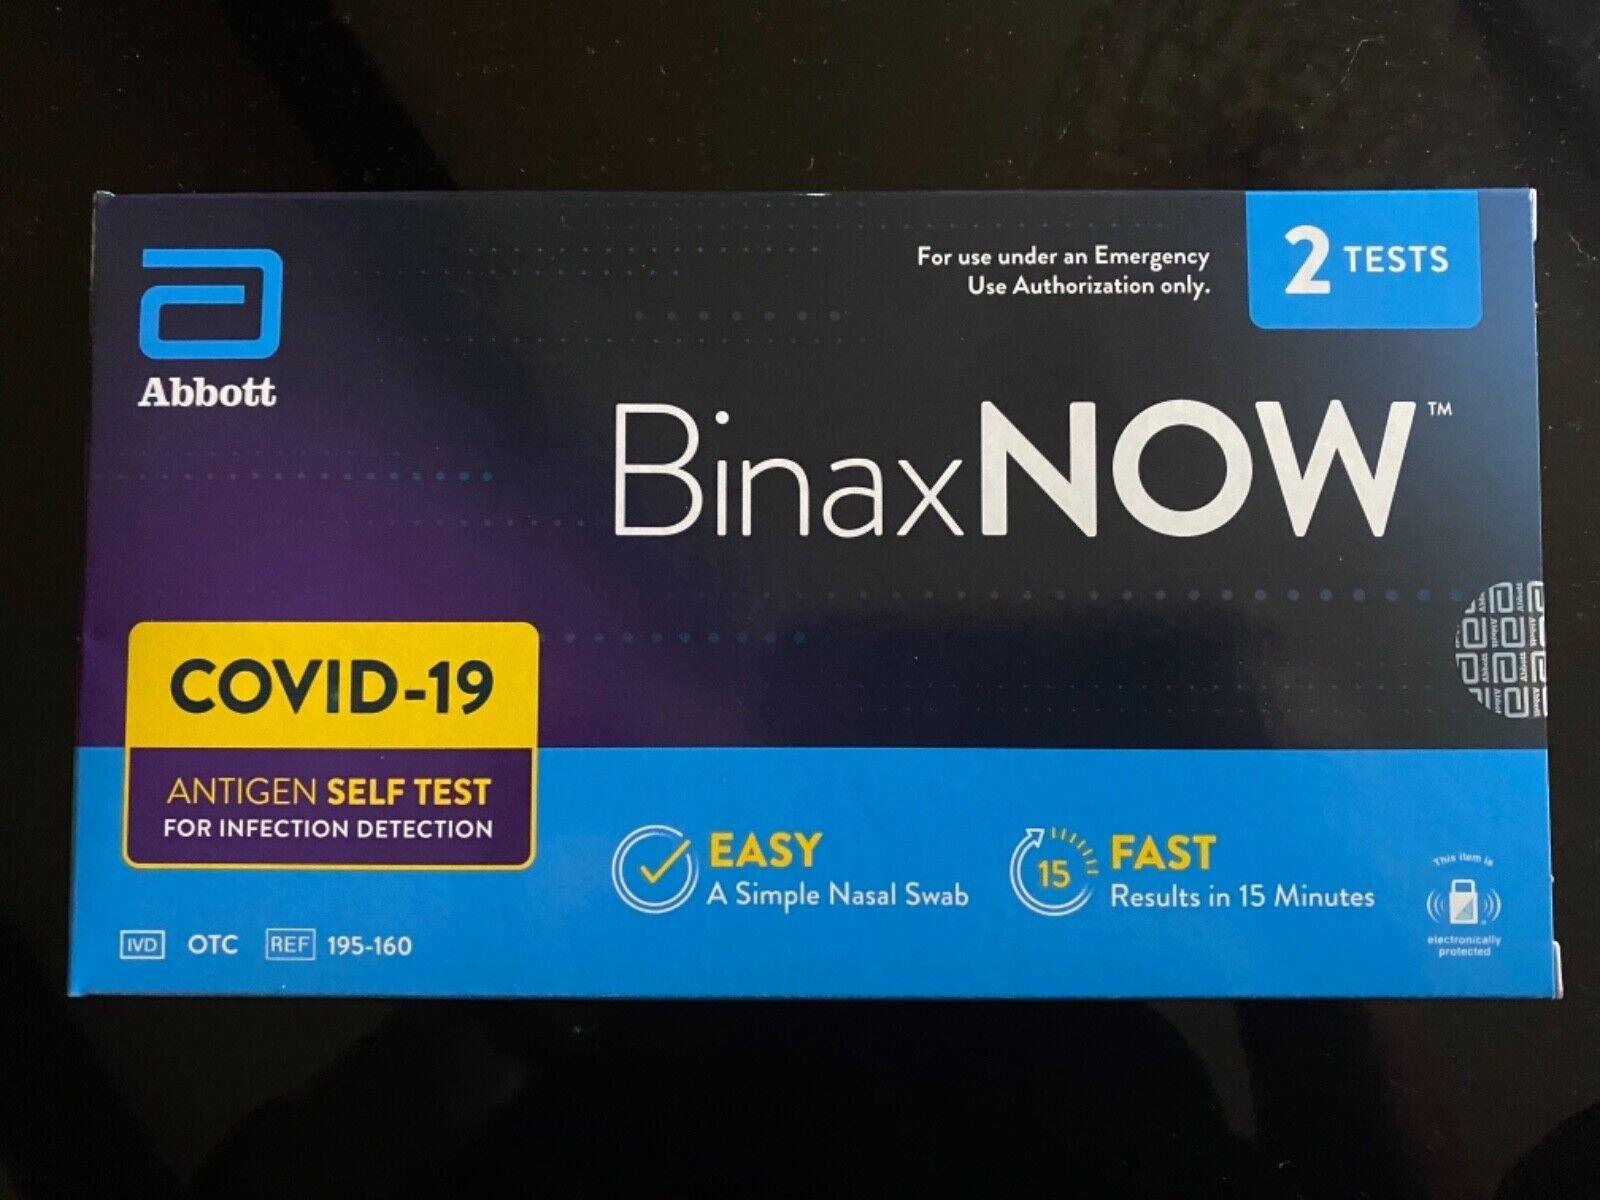 Binaxnow Binax Now Test - $39.99